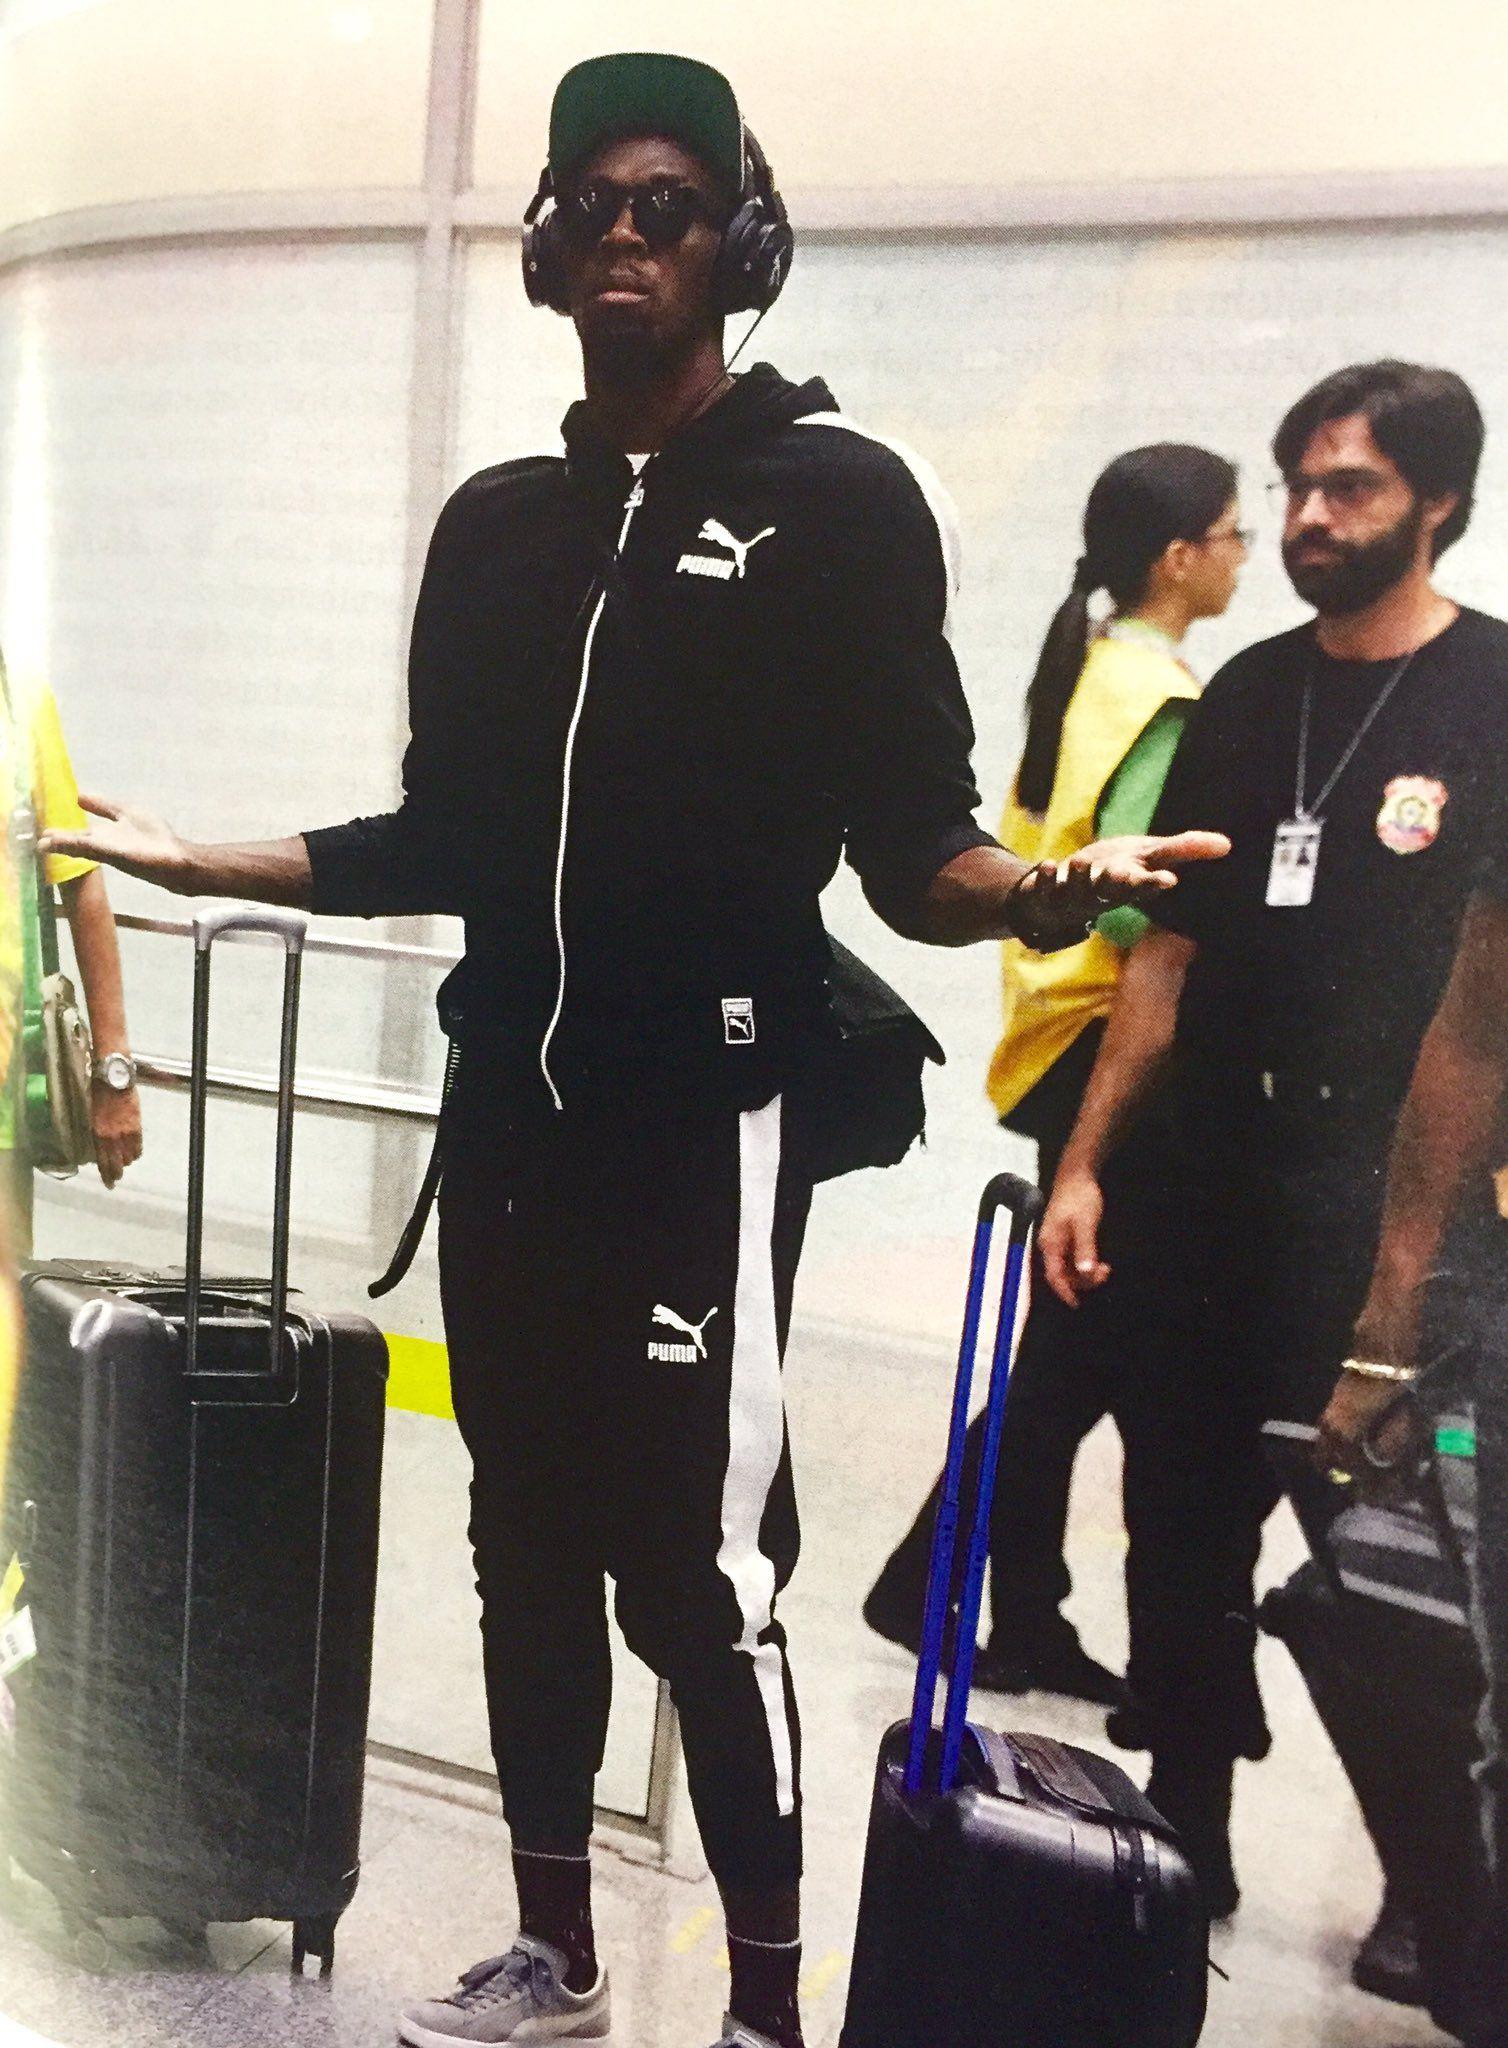 """Jonas Leppin on Twitter: """"Ab heute im @DerSPIEGEL: Die Abhängigkeit vom Handy / Reise zur SPD-Basis / Medien und Amok /Superstar Usain Bolt. https://t.co/1xbANxRS69"""""""